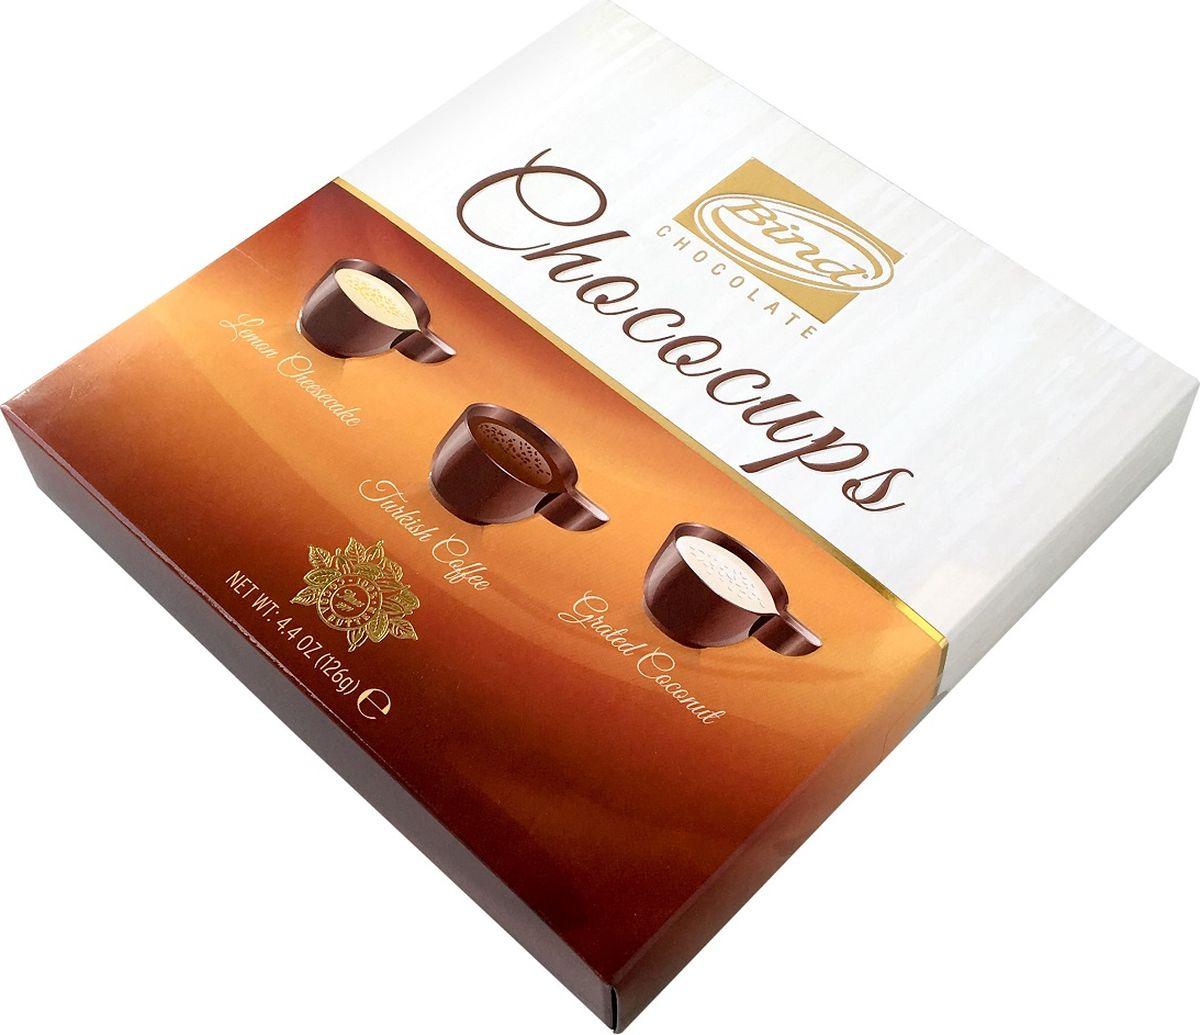 Bind Шоколадная чашечка набор шоколадных конфет, 126 г private bind